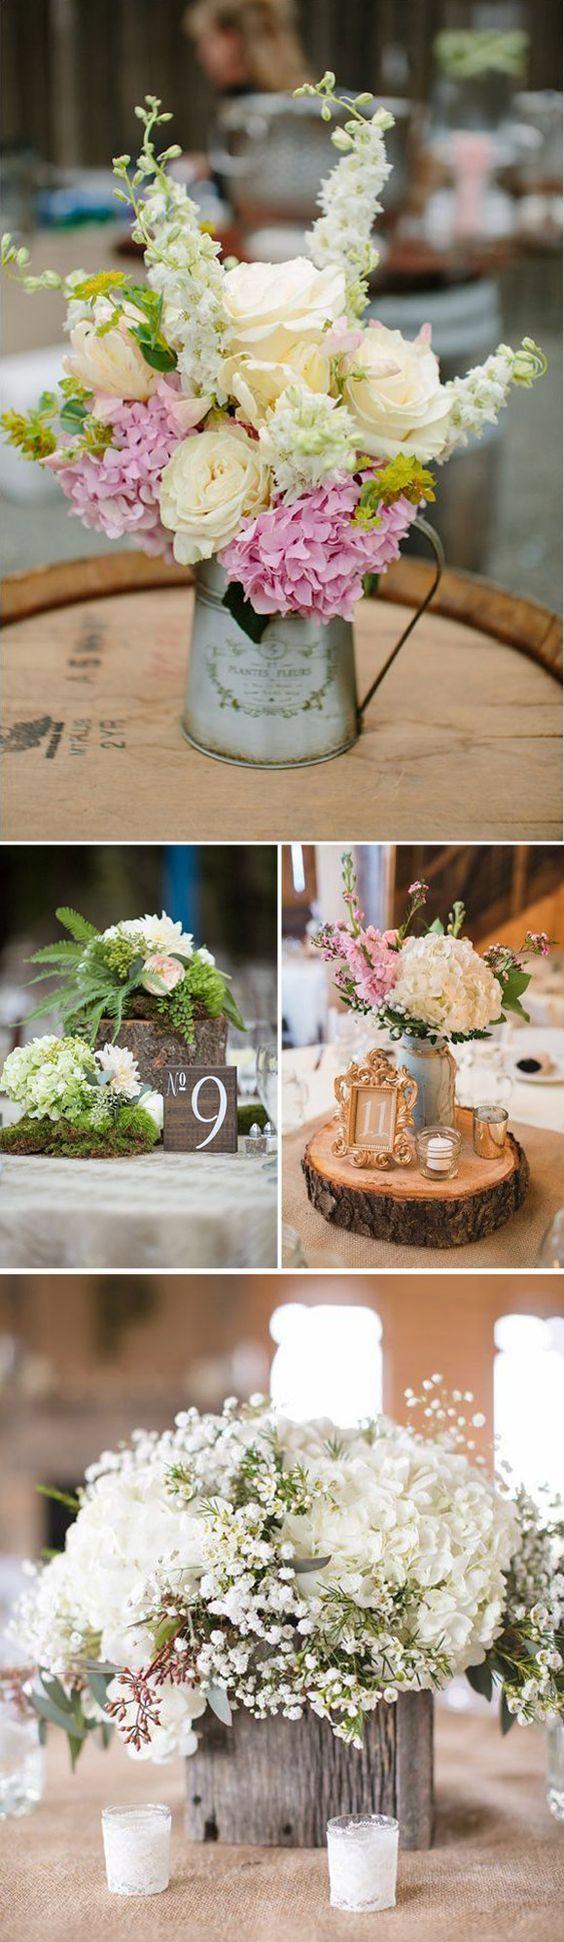 Decoración de boda vintage con hortensias